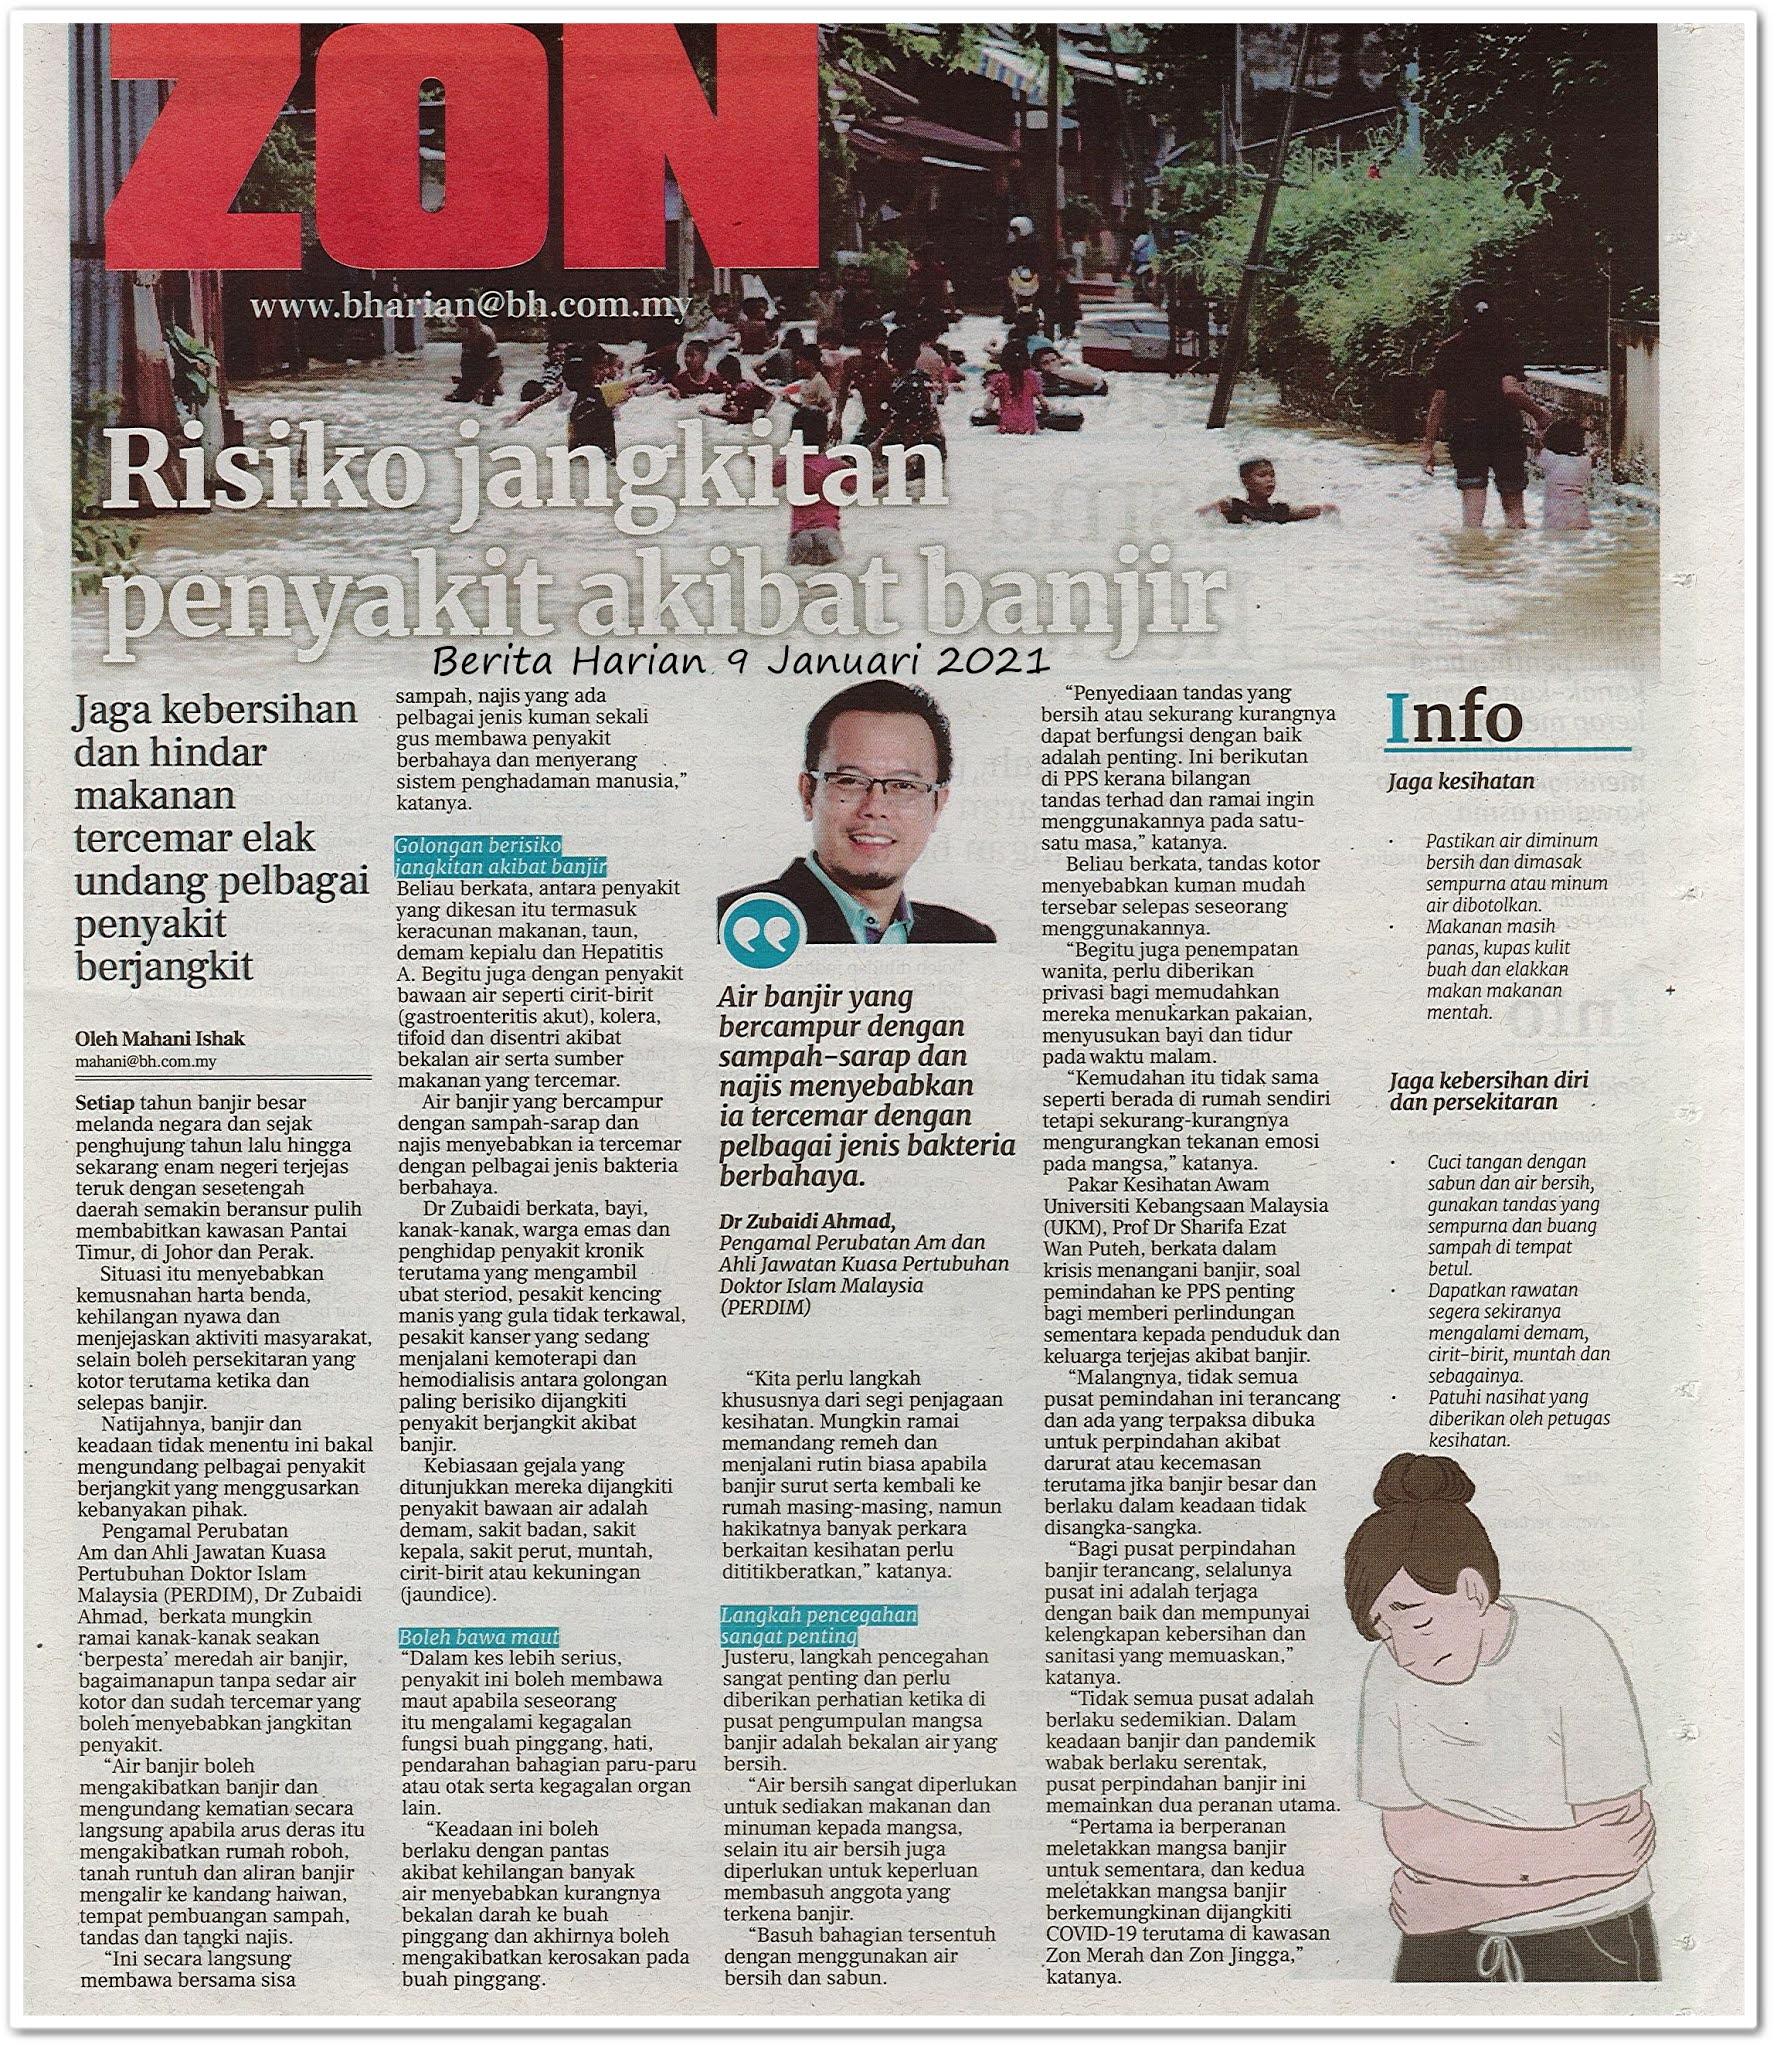 Risiko jangkitan penyakit akibat banjir - Keratan akhbar Berita Harian 9 Januari 2021